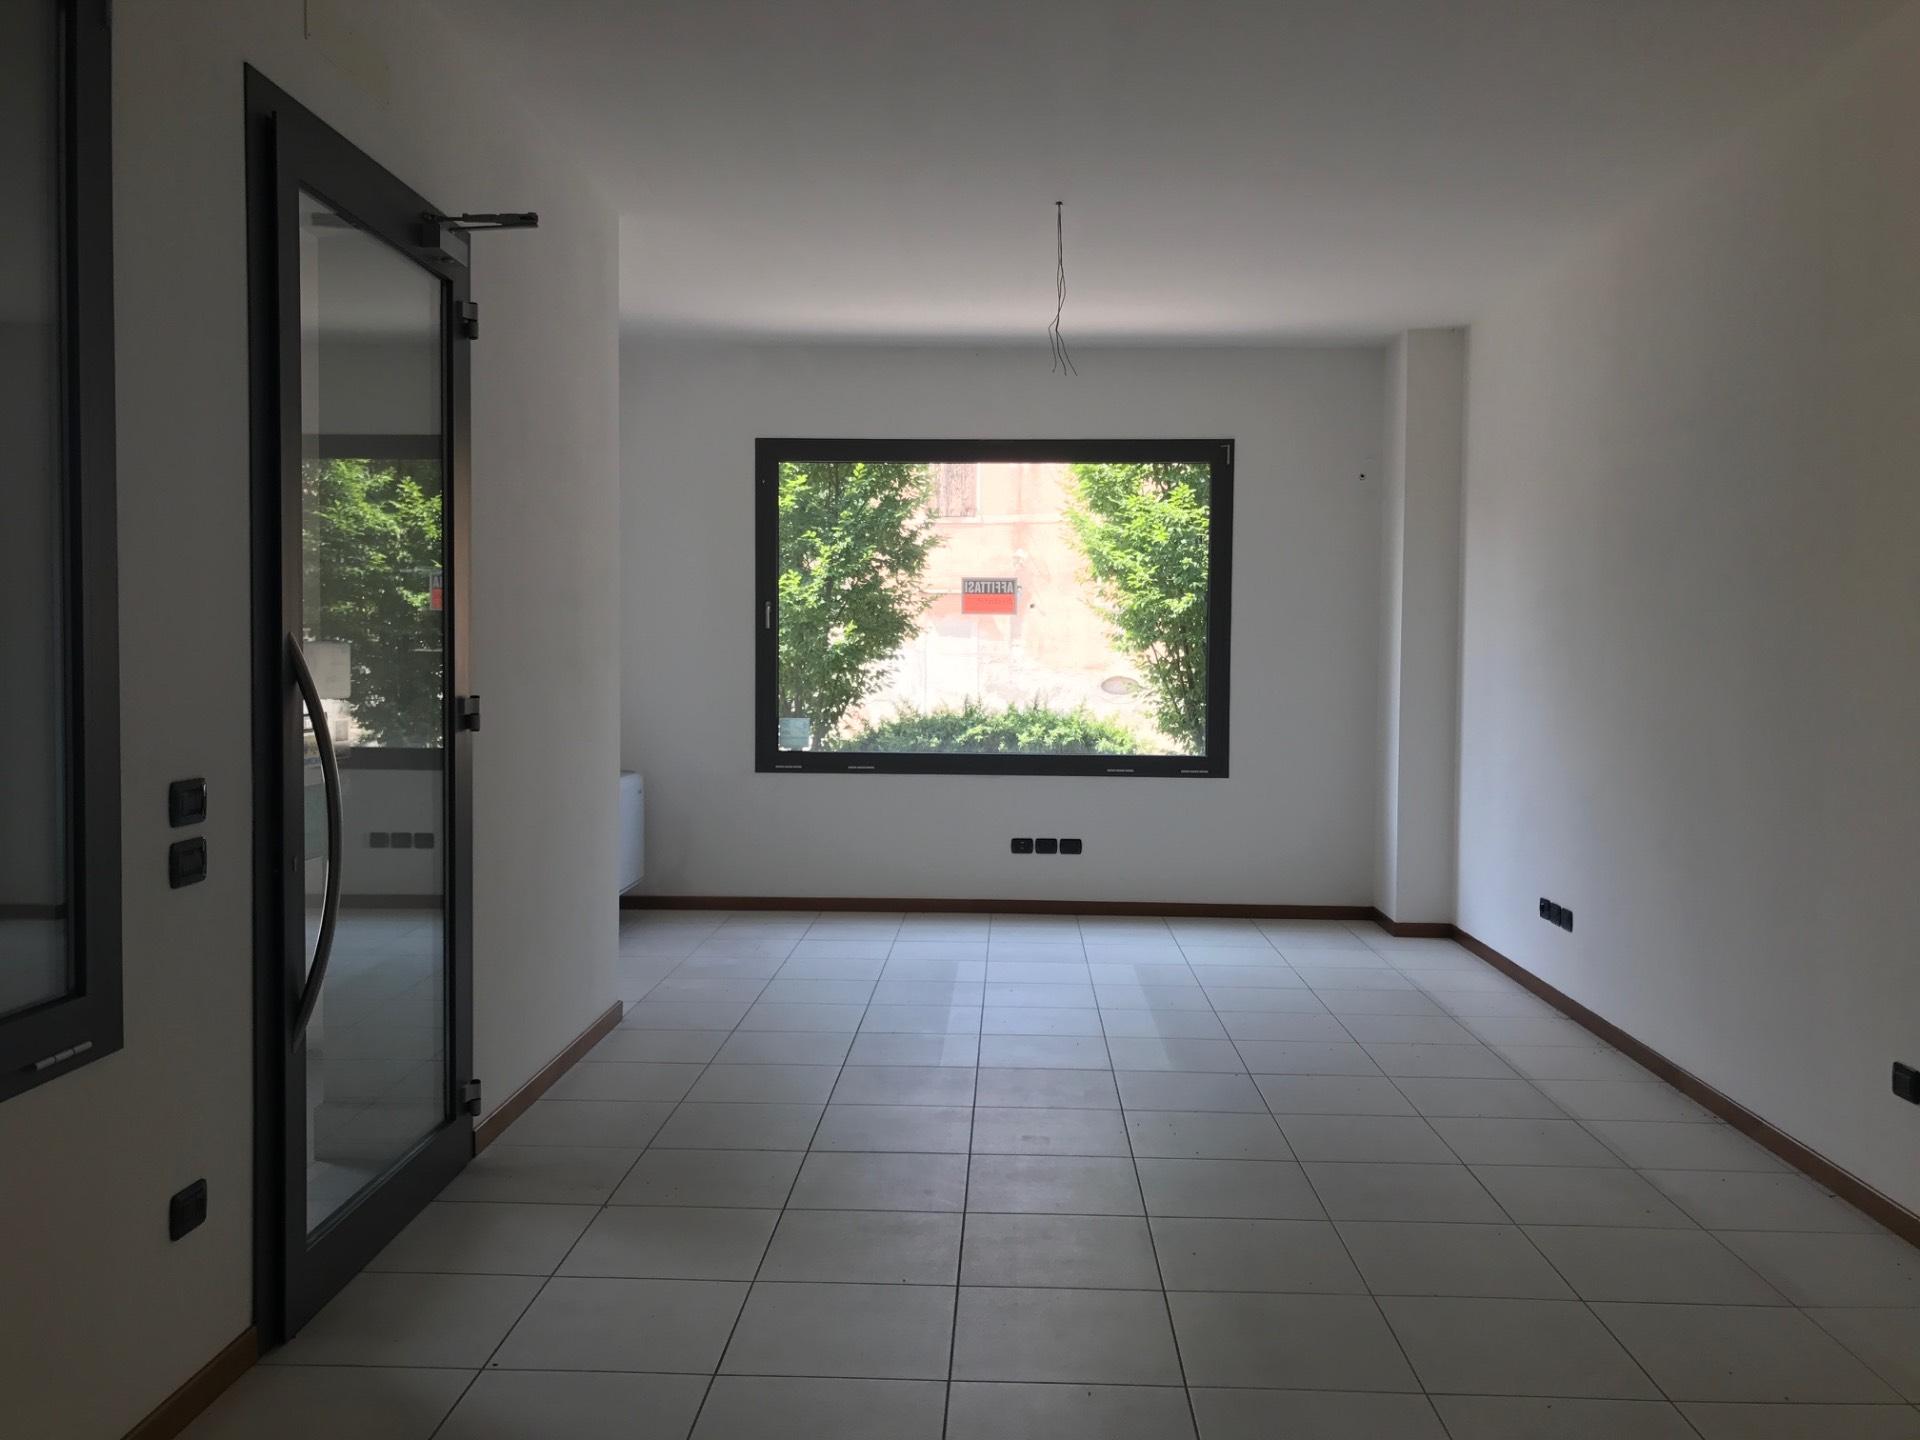 Negozio / Locale in affitto a Ponzano Veneto, 9999 locali, zona Zona: Ponzano, prezzo € 460 | Cambio Casa.it